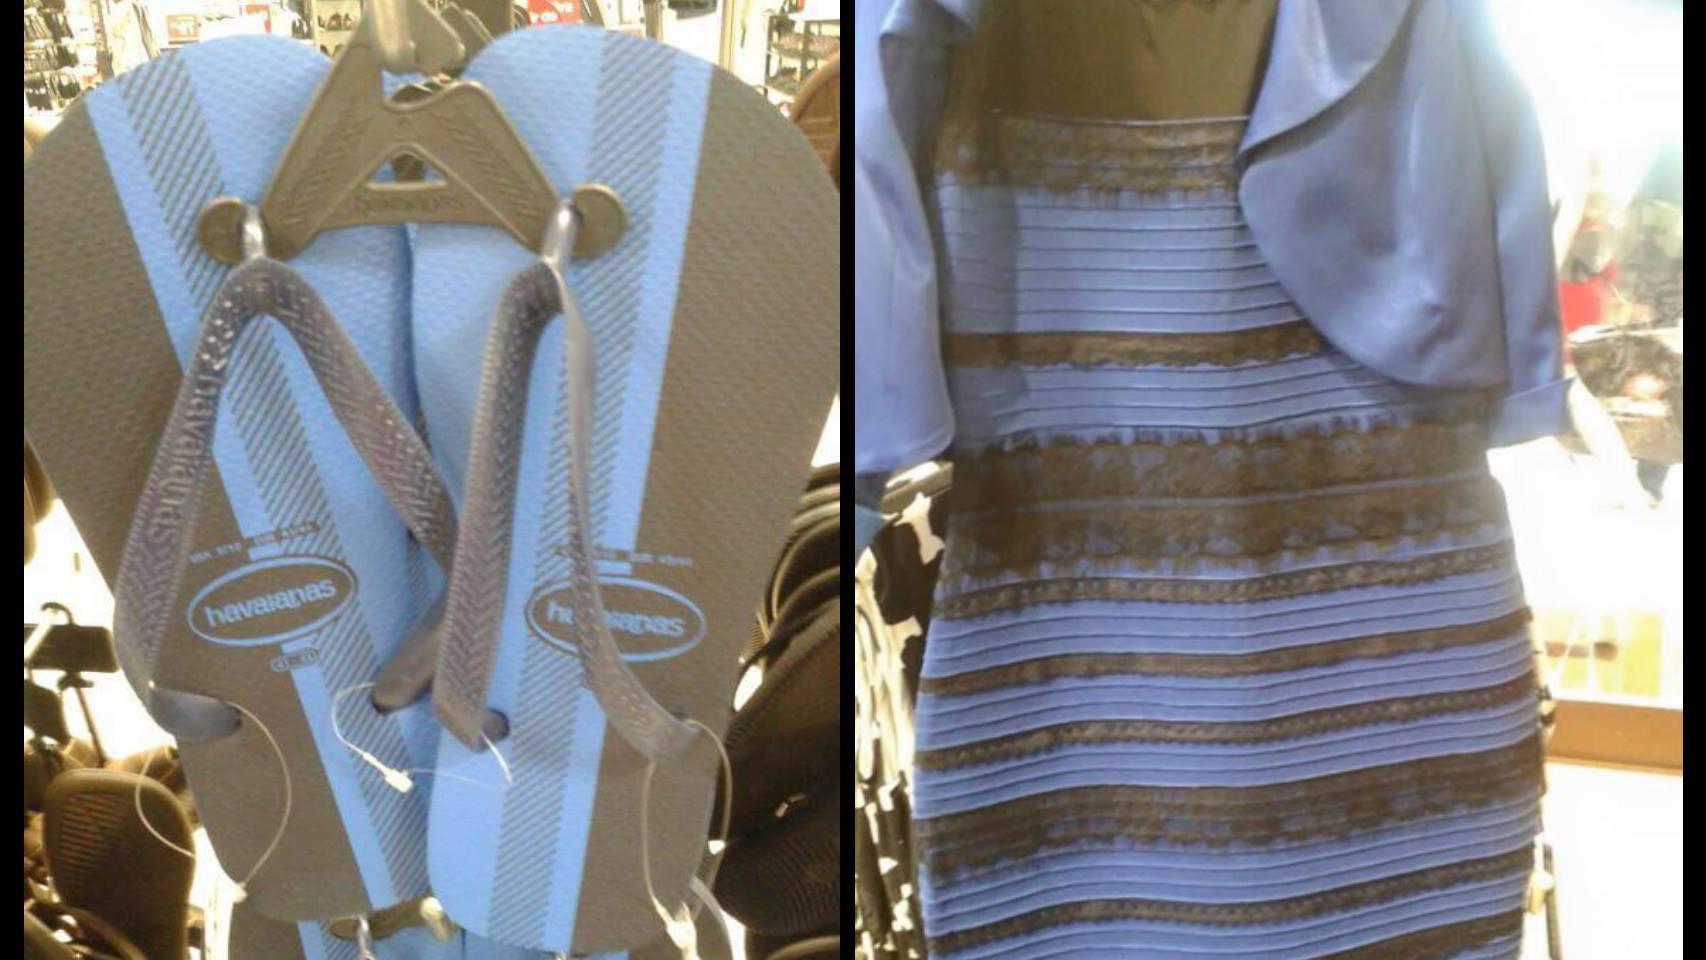 Las chanclas y el vestido que cada uno ve de un color distinto.